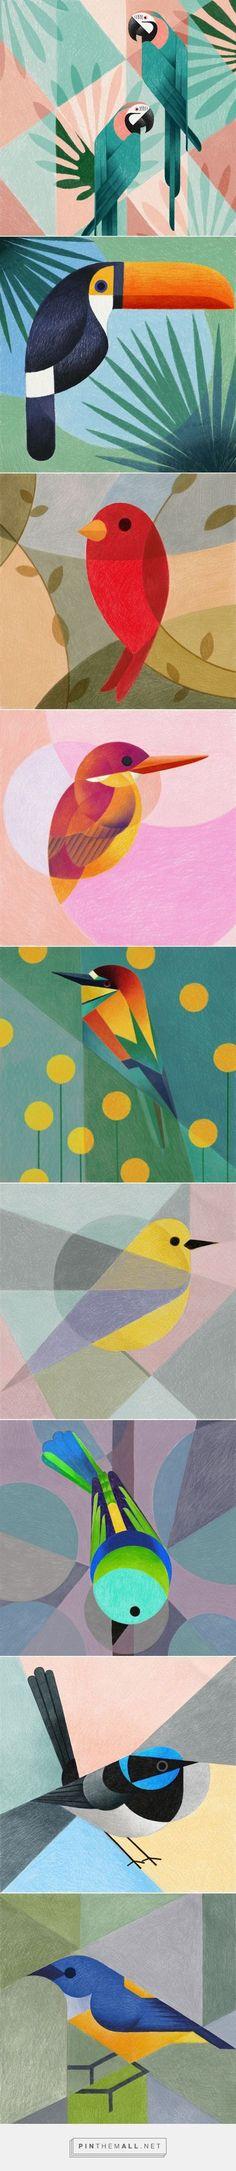 Geometric birds (Procreate-iPad Pro) by Samy Halim